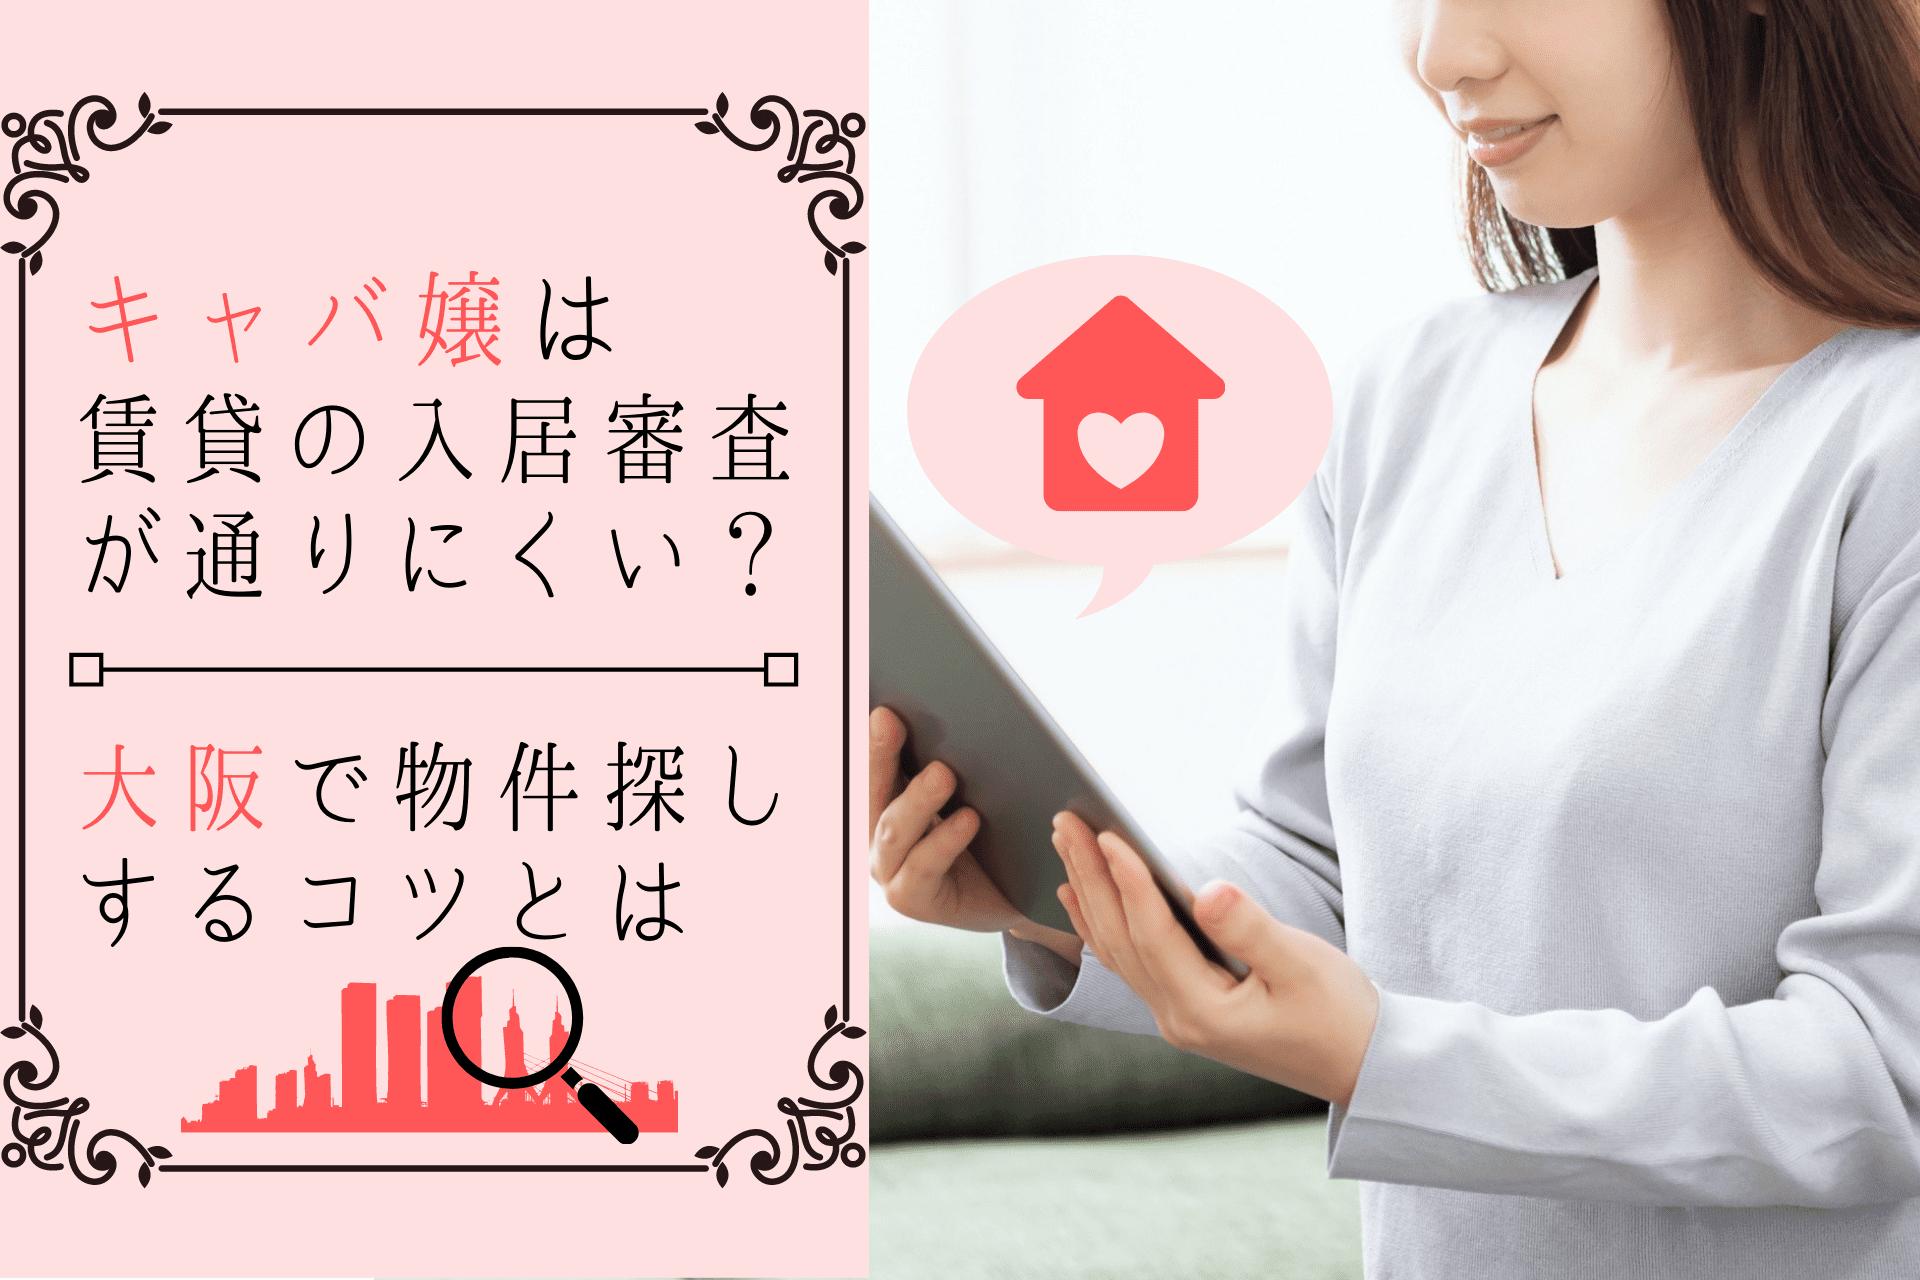 キャバ嬢は賃貸の入居審査が通りにくい?大阪で物件探しするコツとは